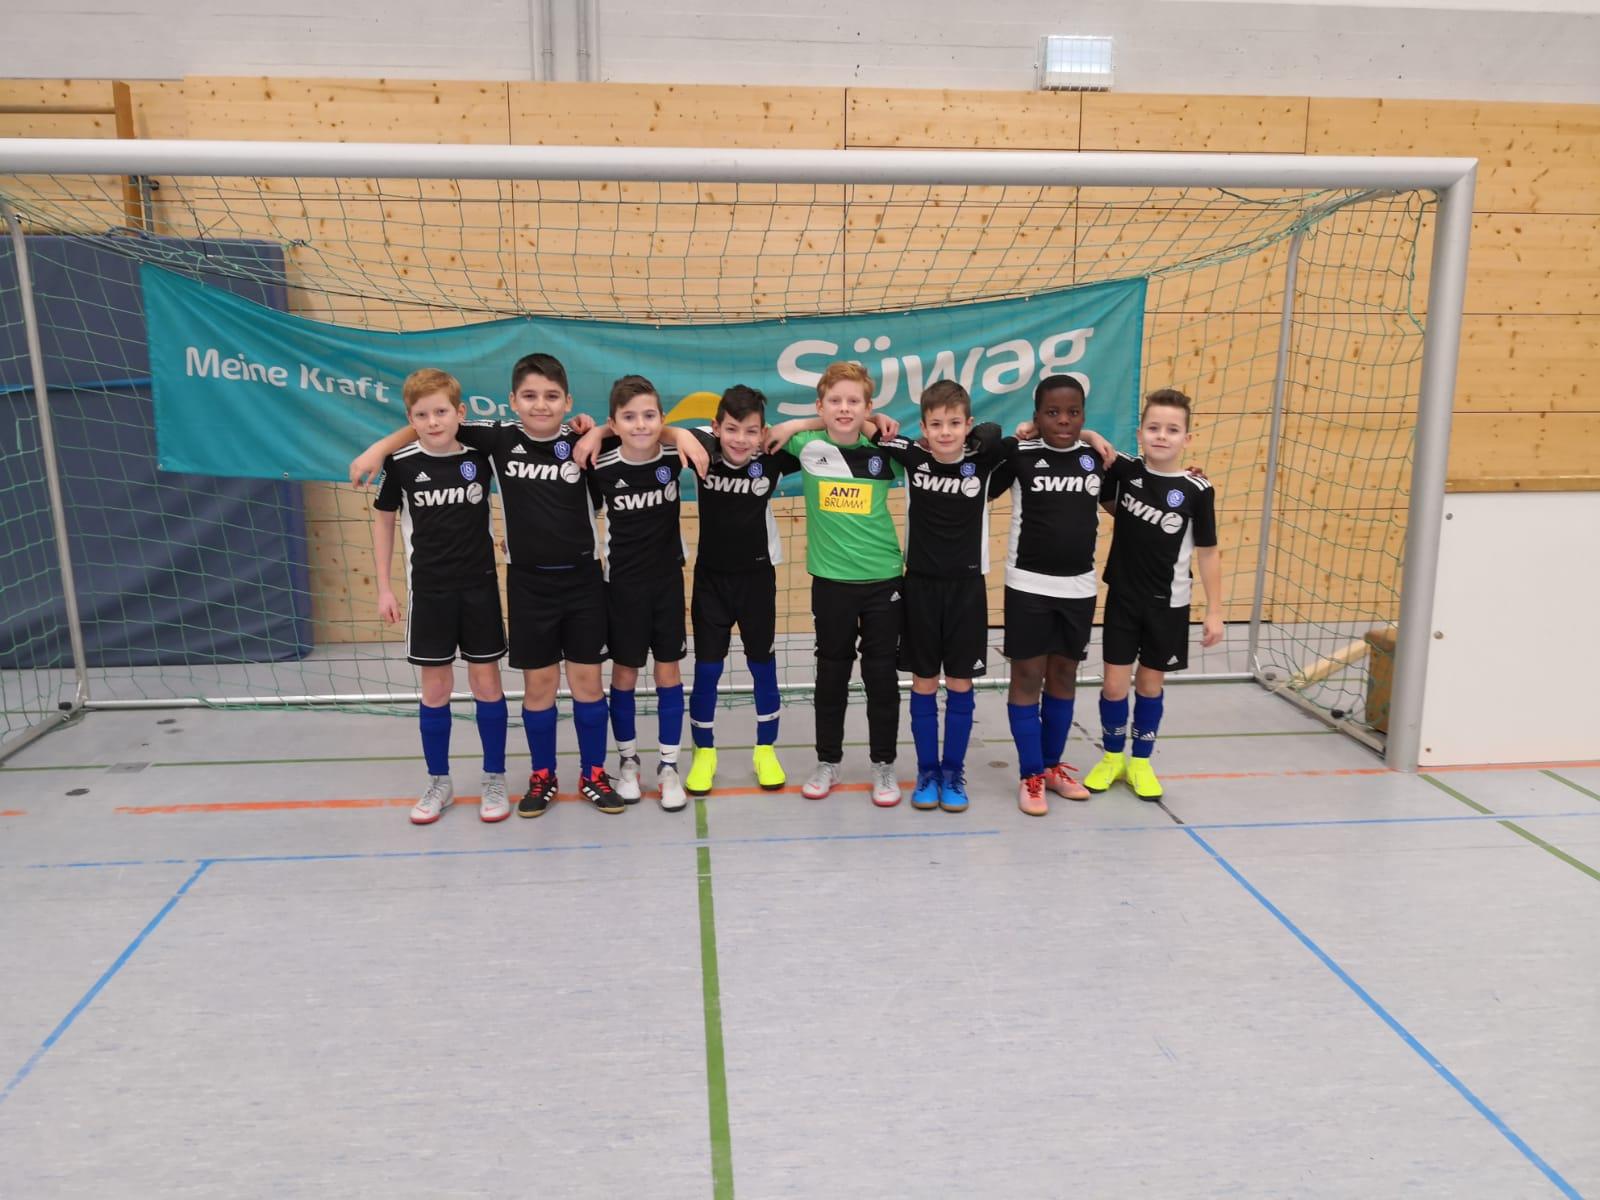 E-Junioren U11 - HSV Neuwied - Süwag Hallencup 2020